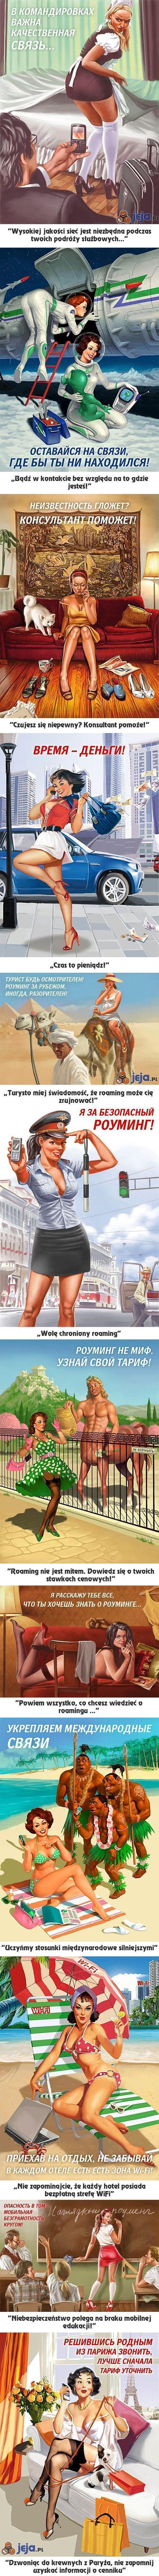 Rosyjskie reklamy